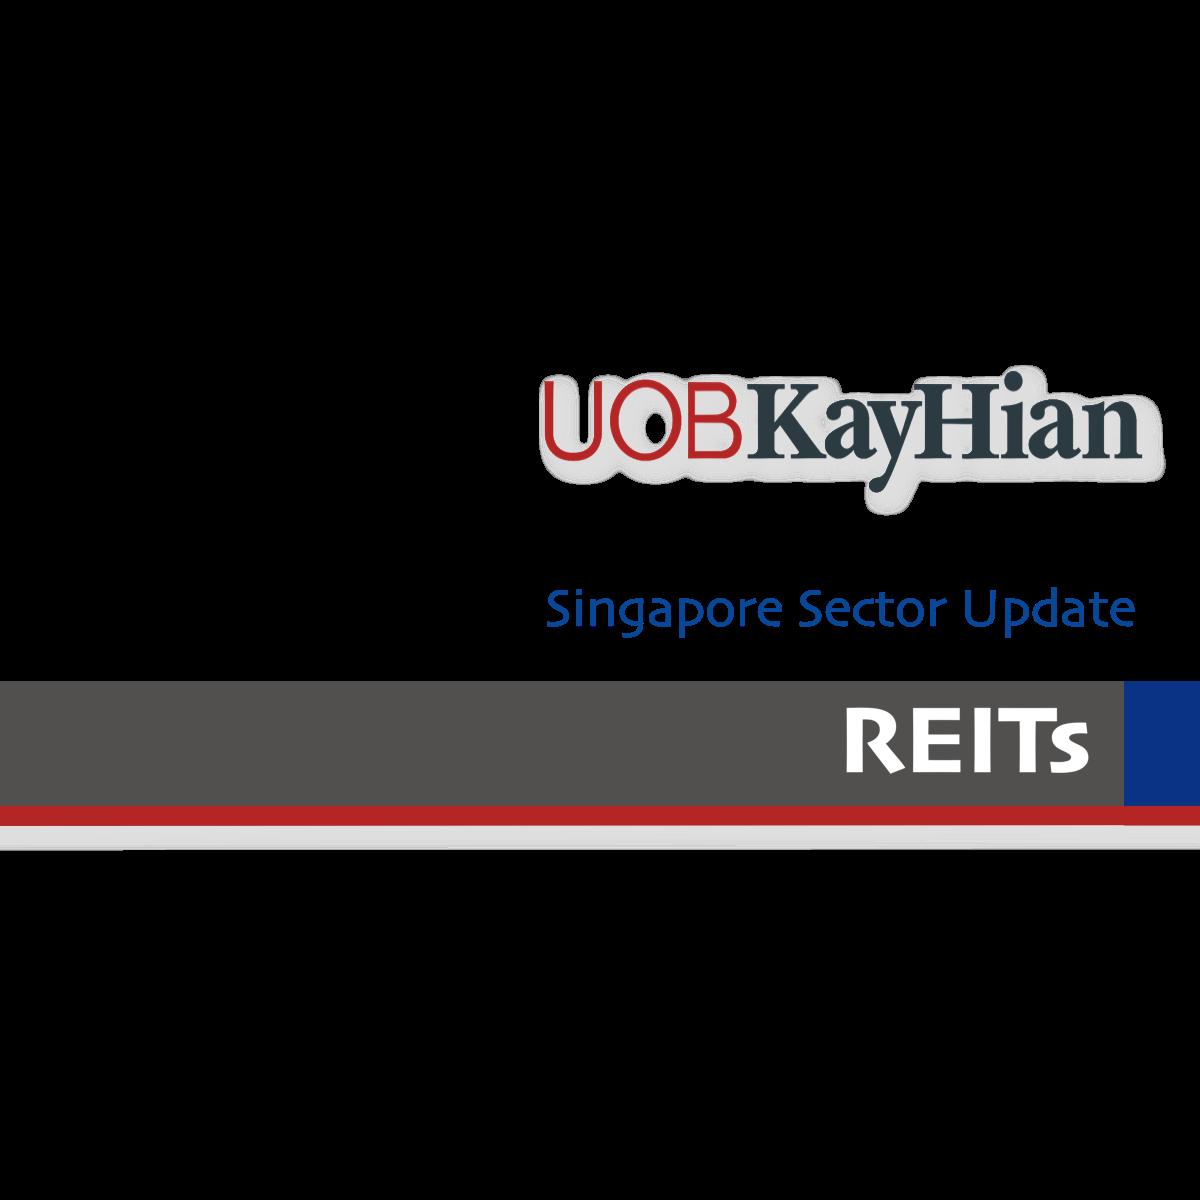 S-REITs - UOB Kay Hian Research | SGinvestors.io